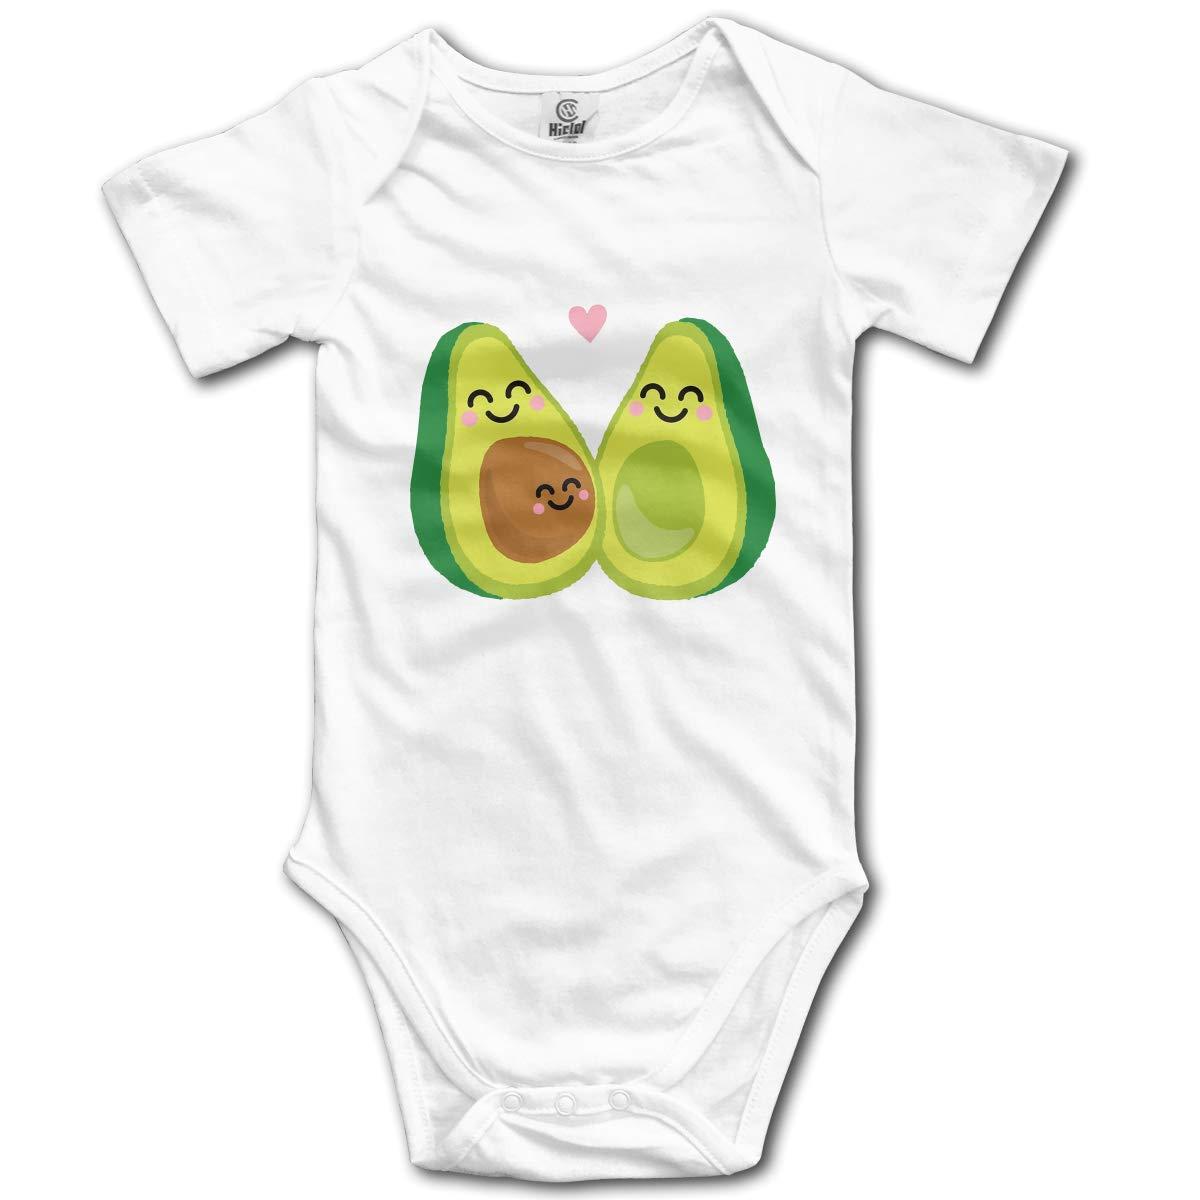 Chrisiny - Disfraz de Baloncesto para recién Nacido, diseño de ...